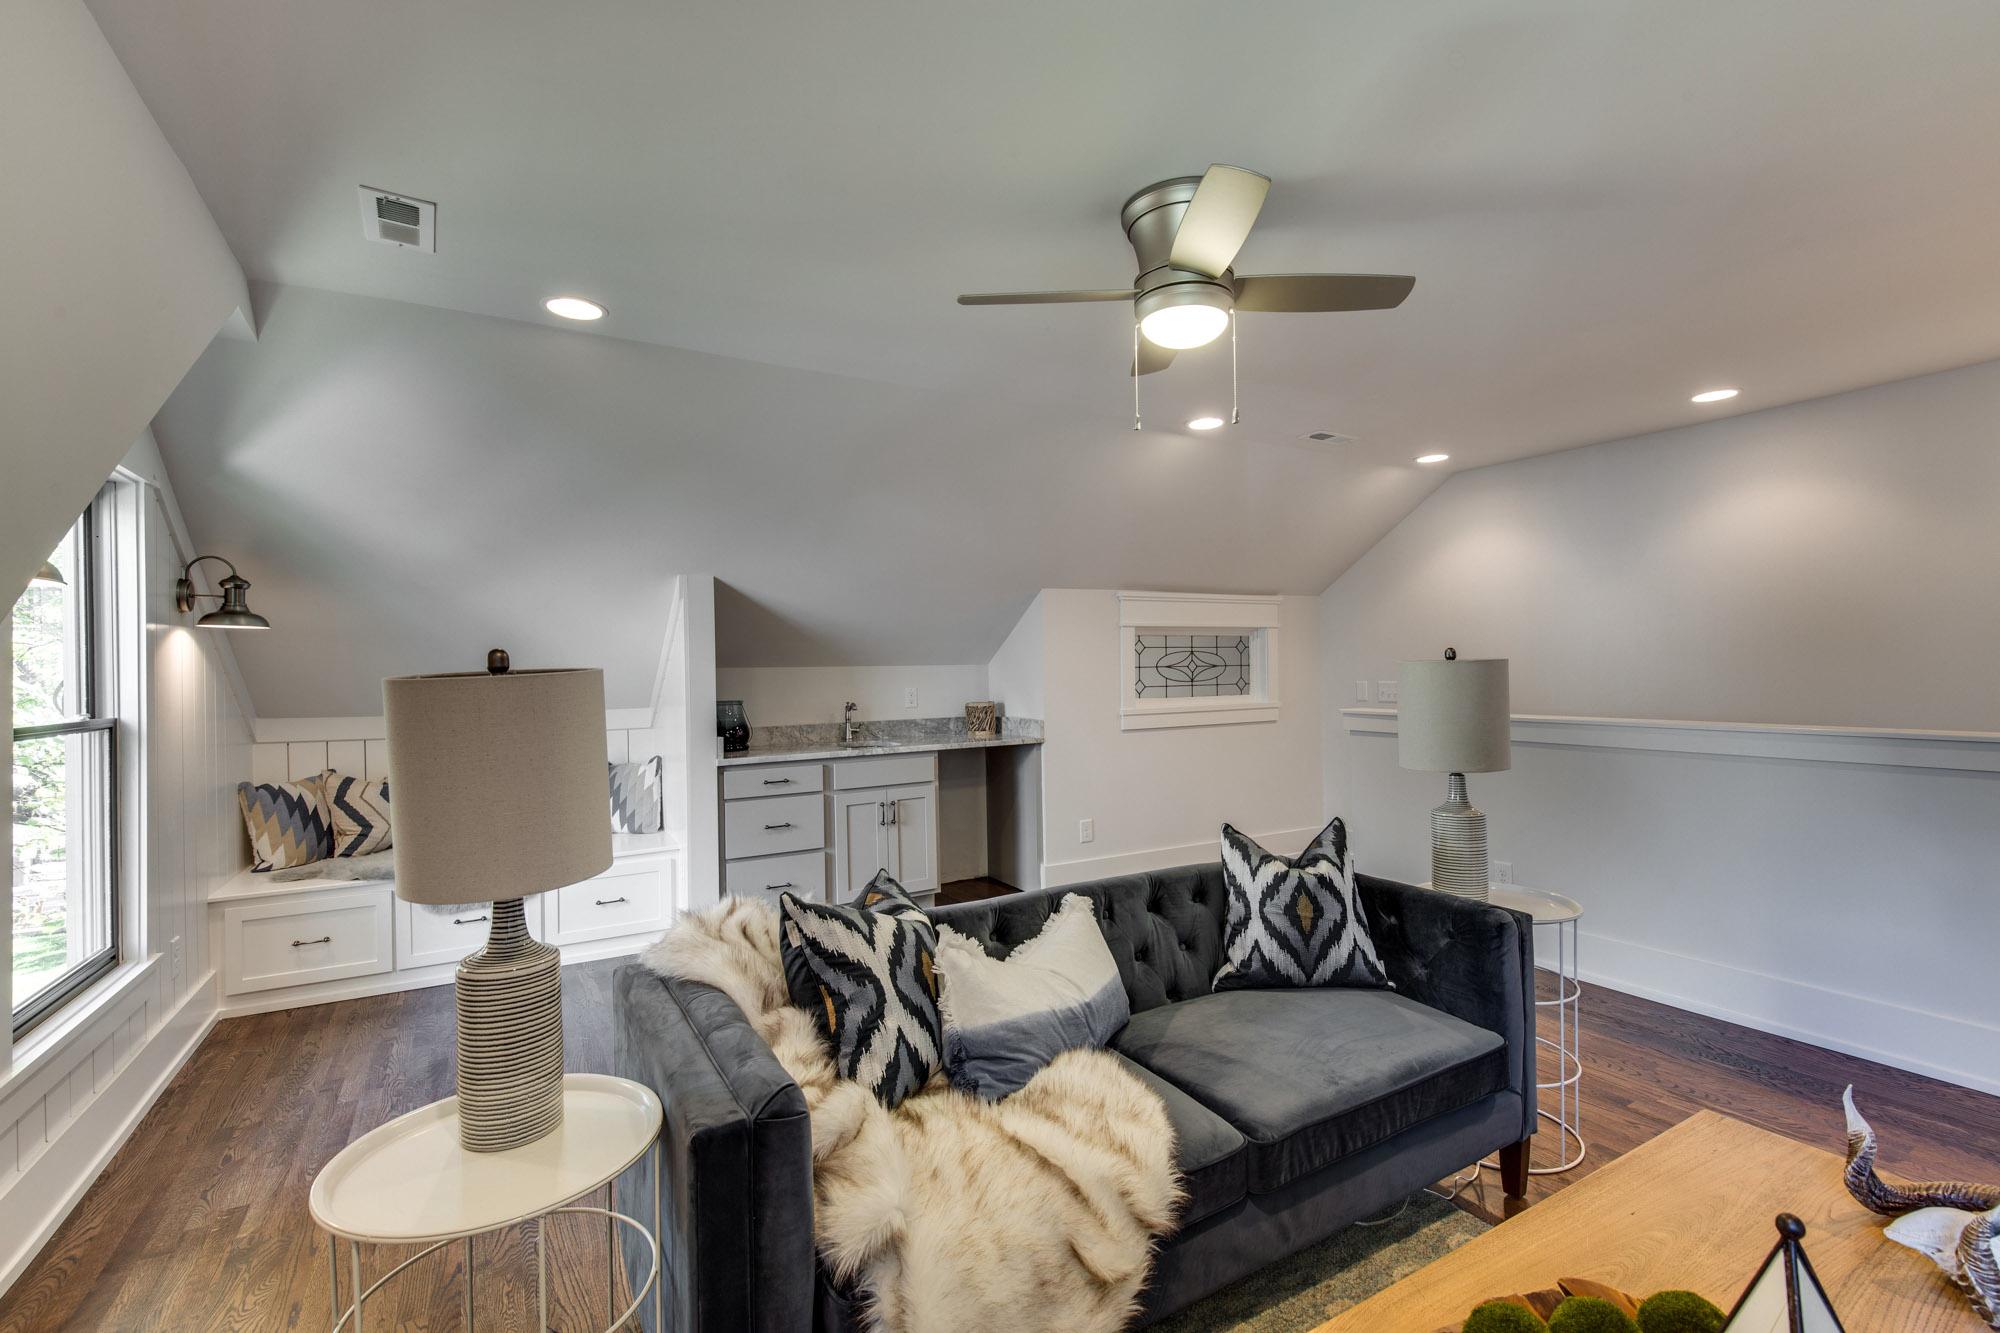 nashville-home-remodel-renovation-custom-home-tennessee-britt-development-group-1039.jpg